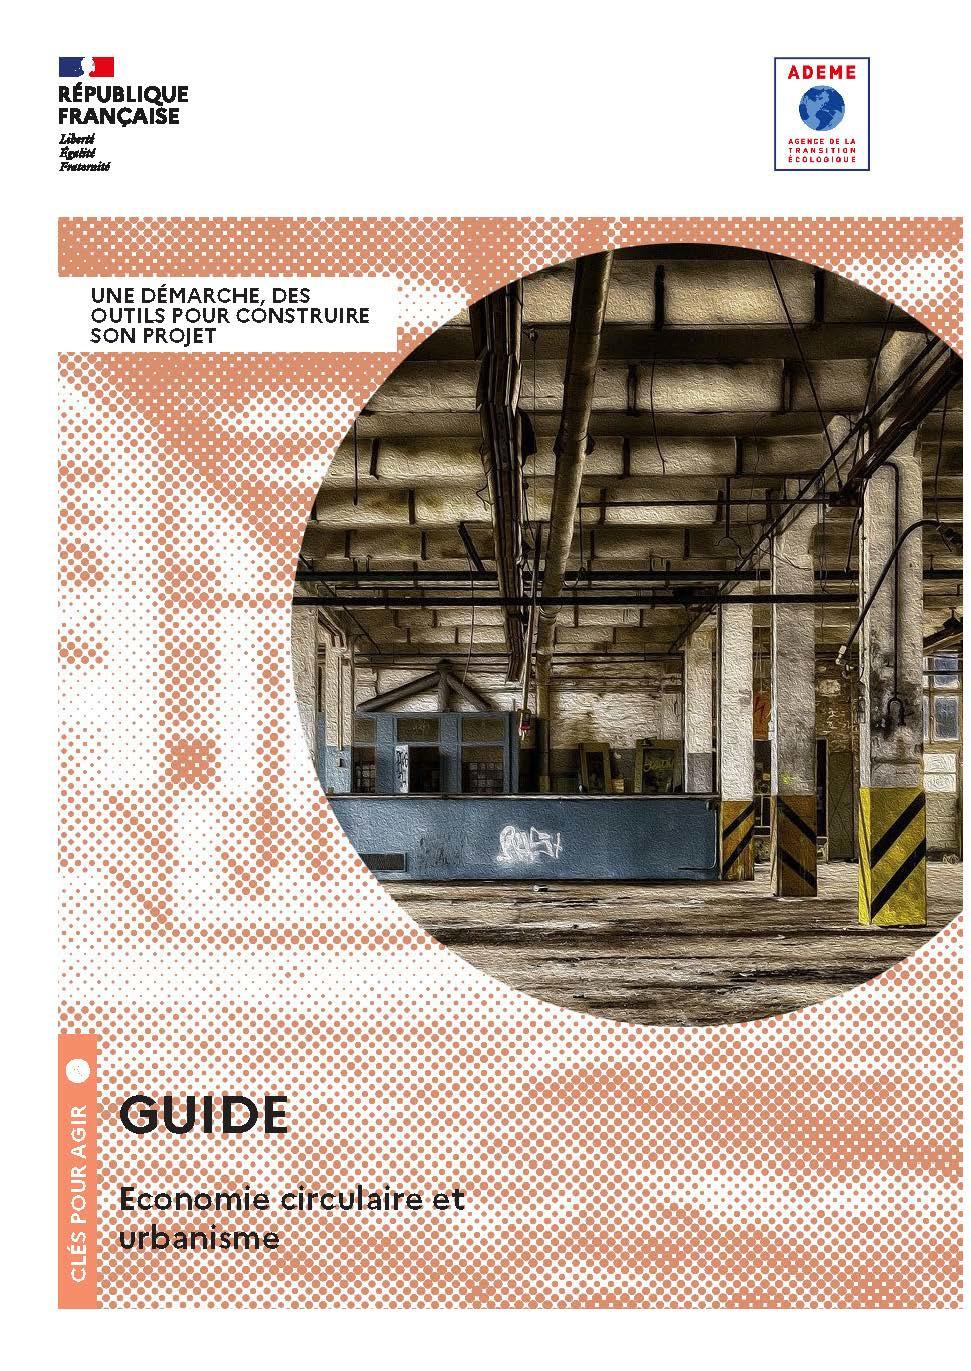 Guide économie circulaire et urbanisme